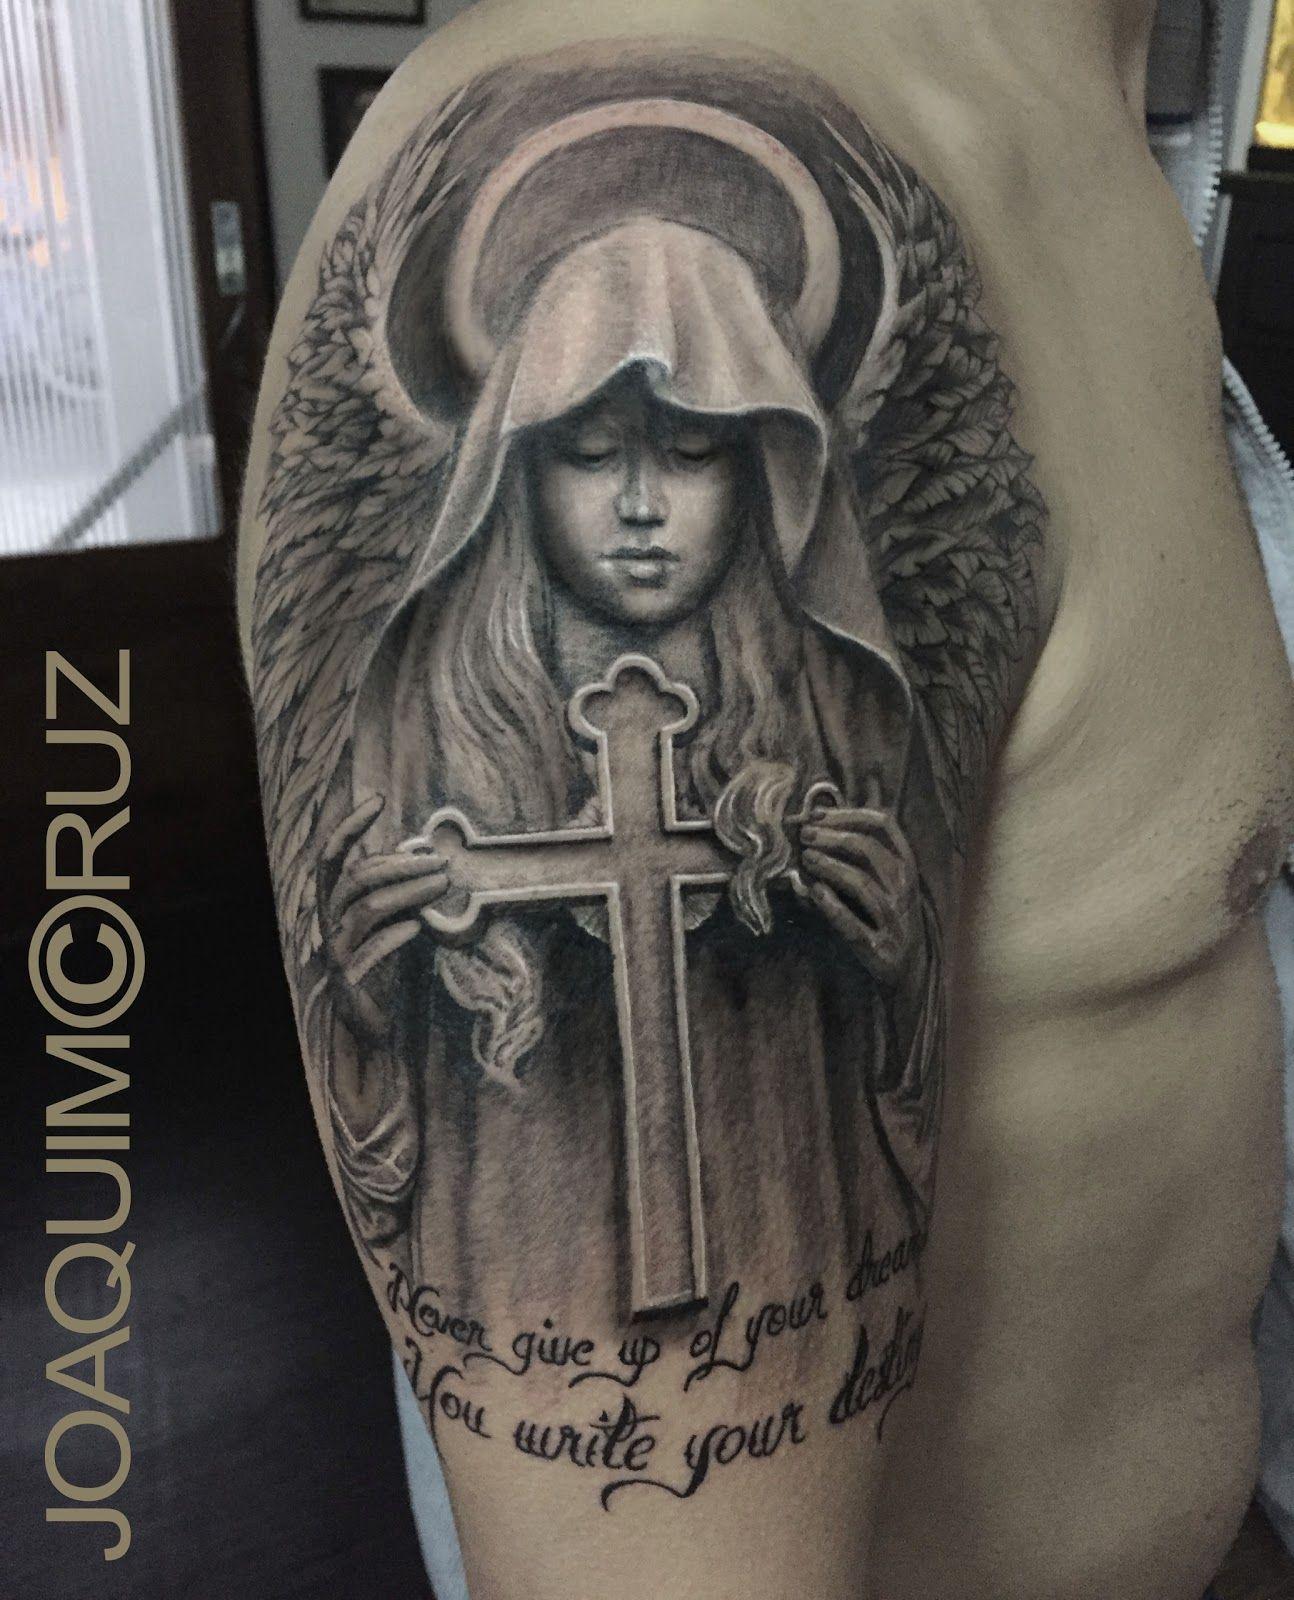 Vemos Tatuaje De Un ángel De La Guarda Es Un Tatuaje Realista En